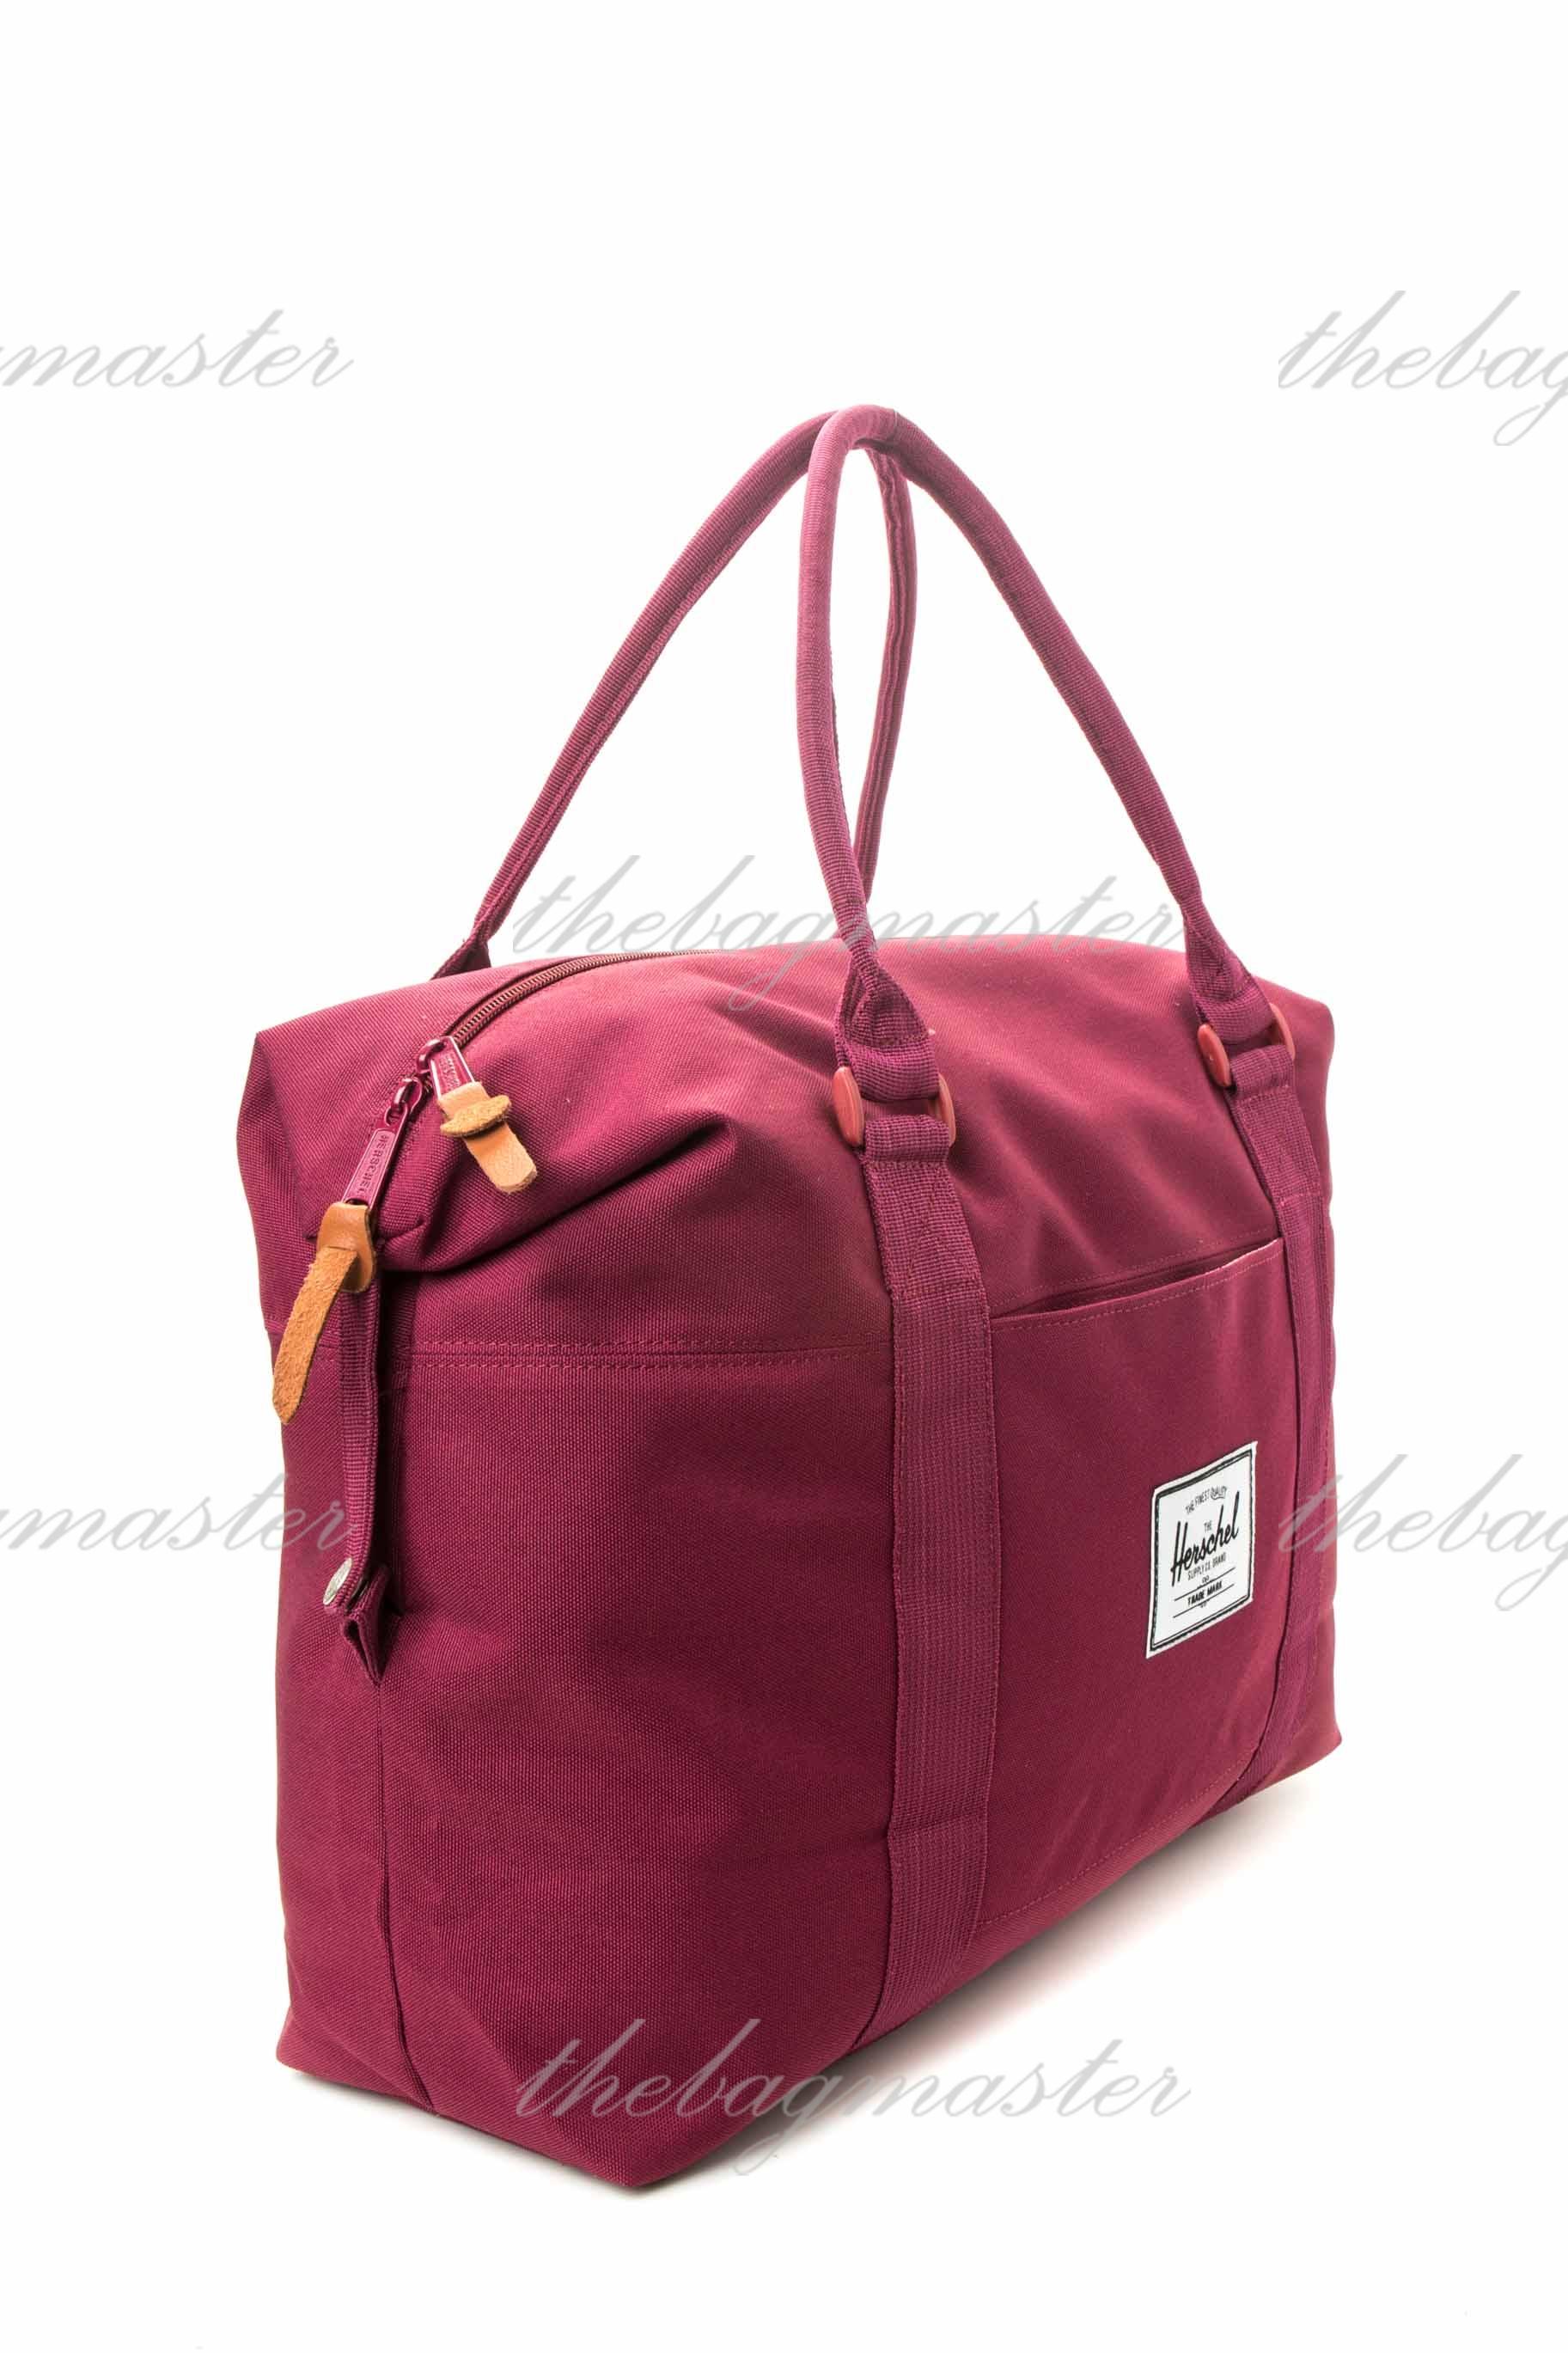 Herschel Nordstrom | Herschel Duffle | Herschel Duffle Bag